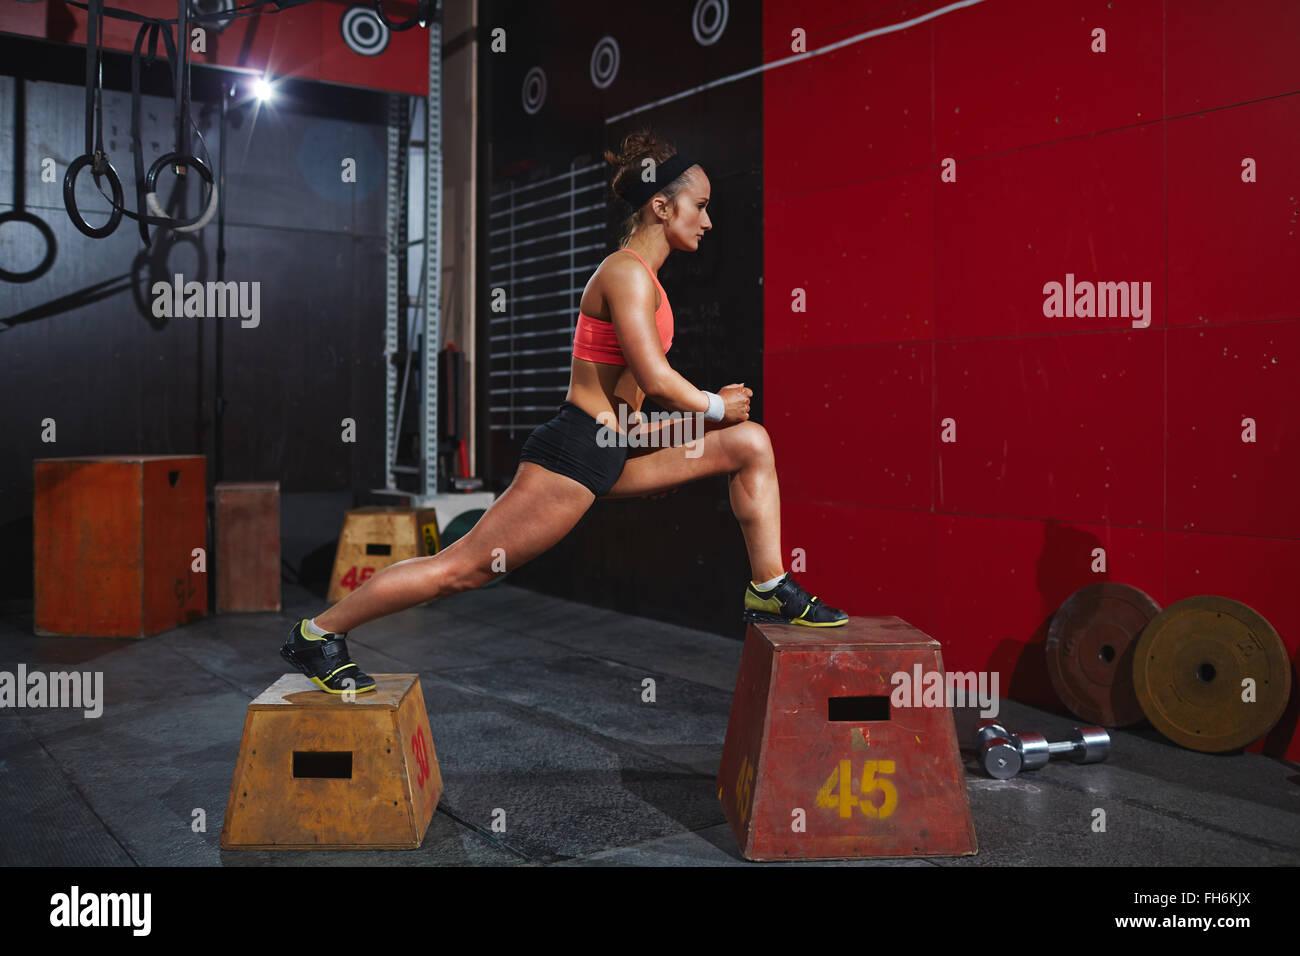 Jeune femme dans la vie active formation sur jump-boxes in gym Photo Stock